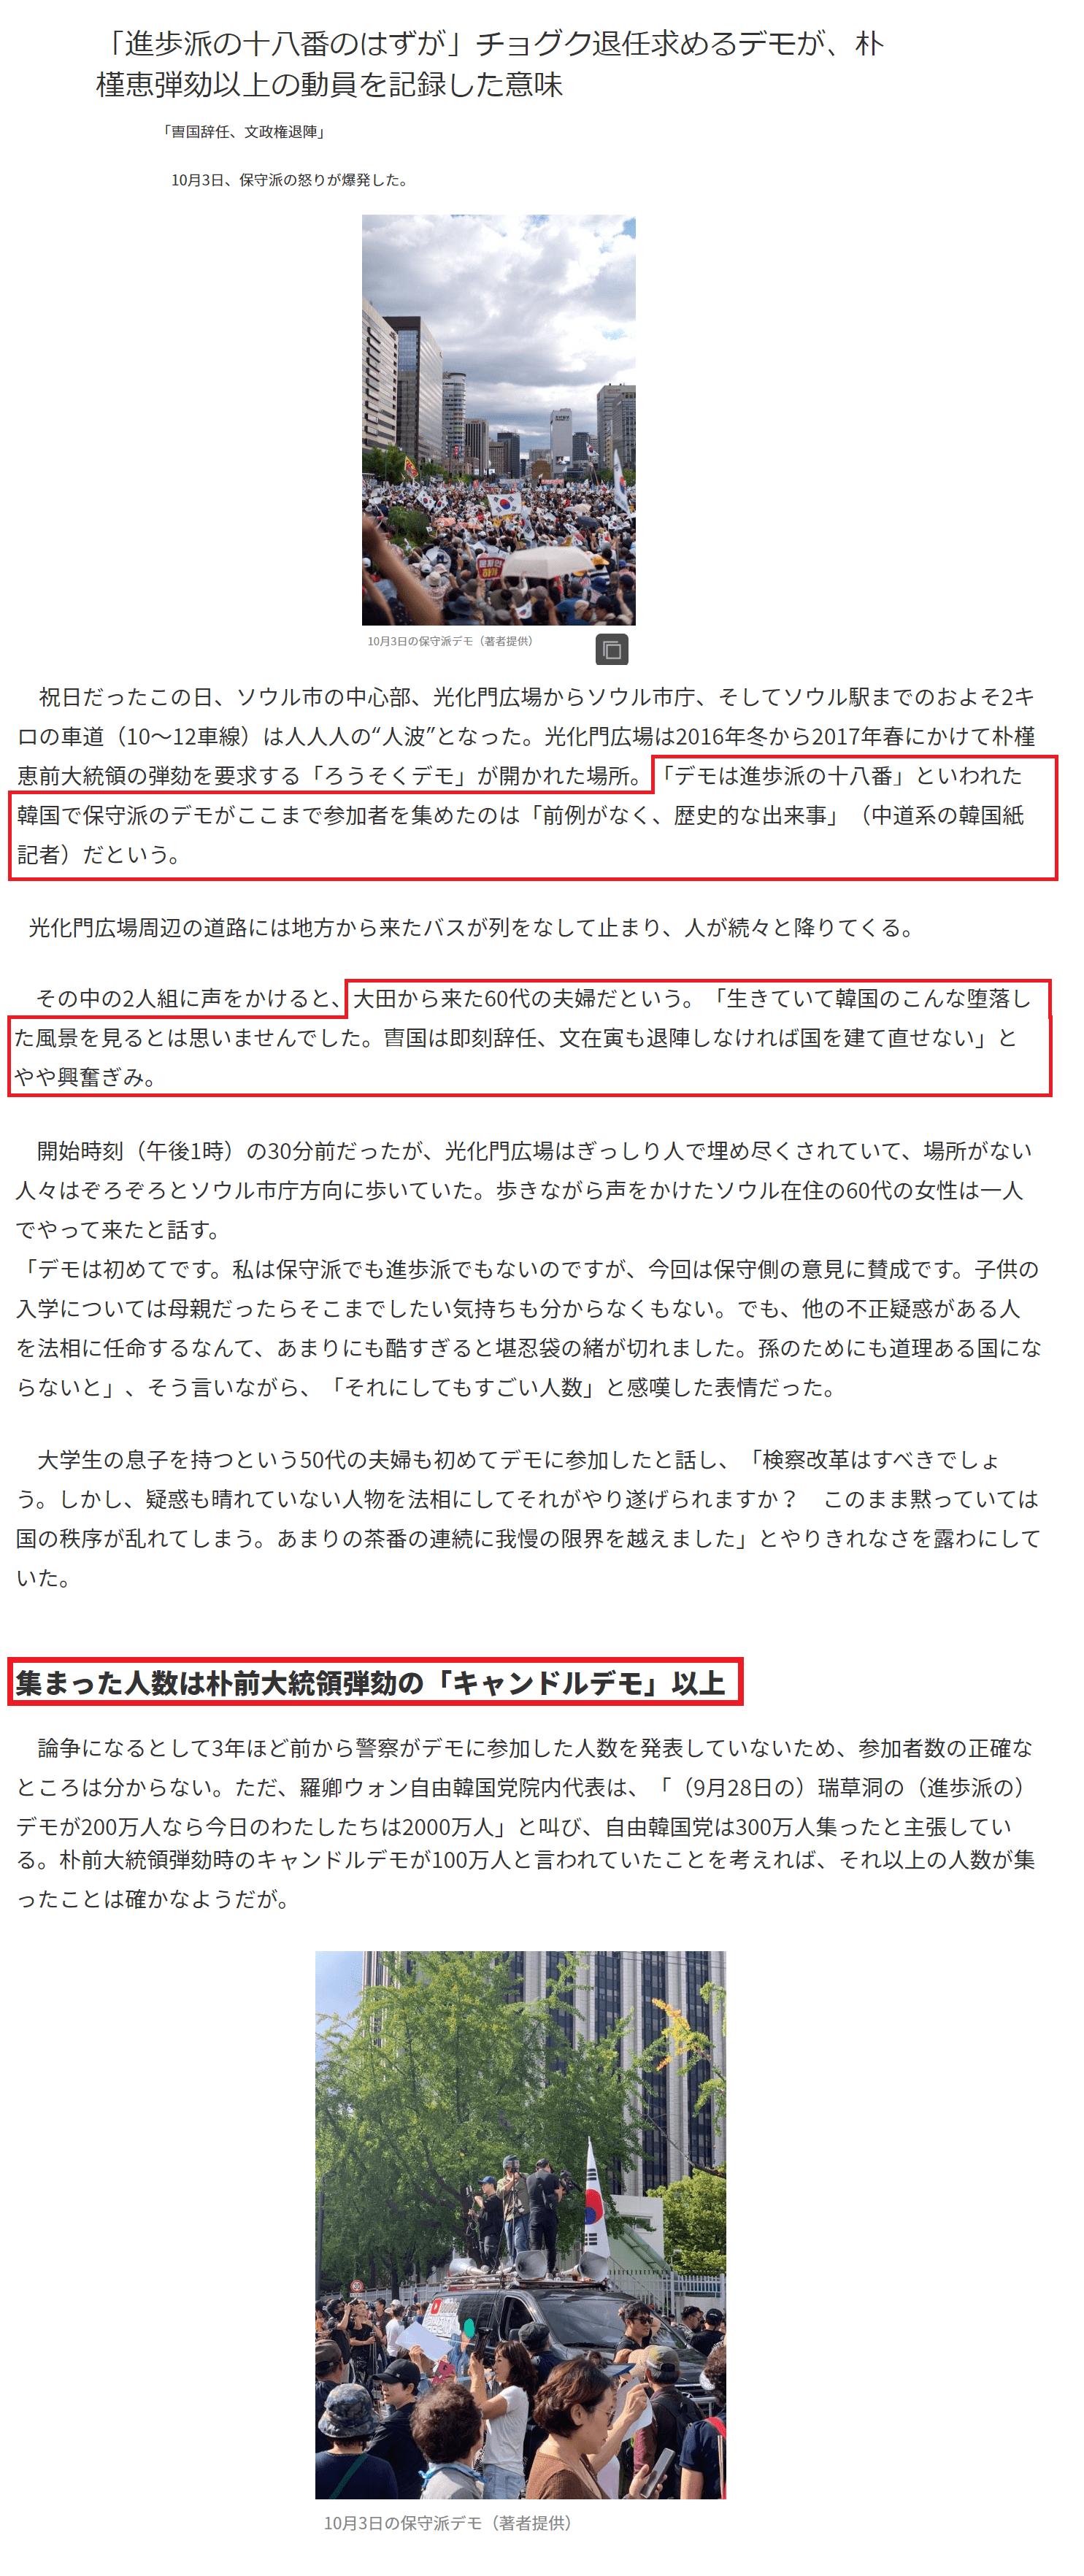 ブンザイ寅とタマネギ男辞めろデモが朴婆以上の動員2_1 (1)